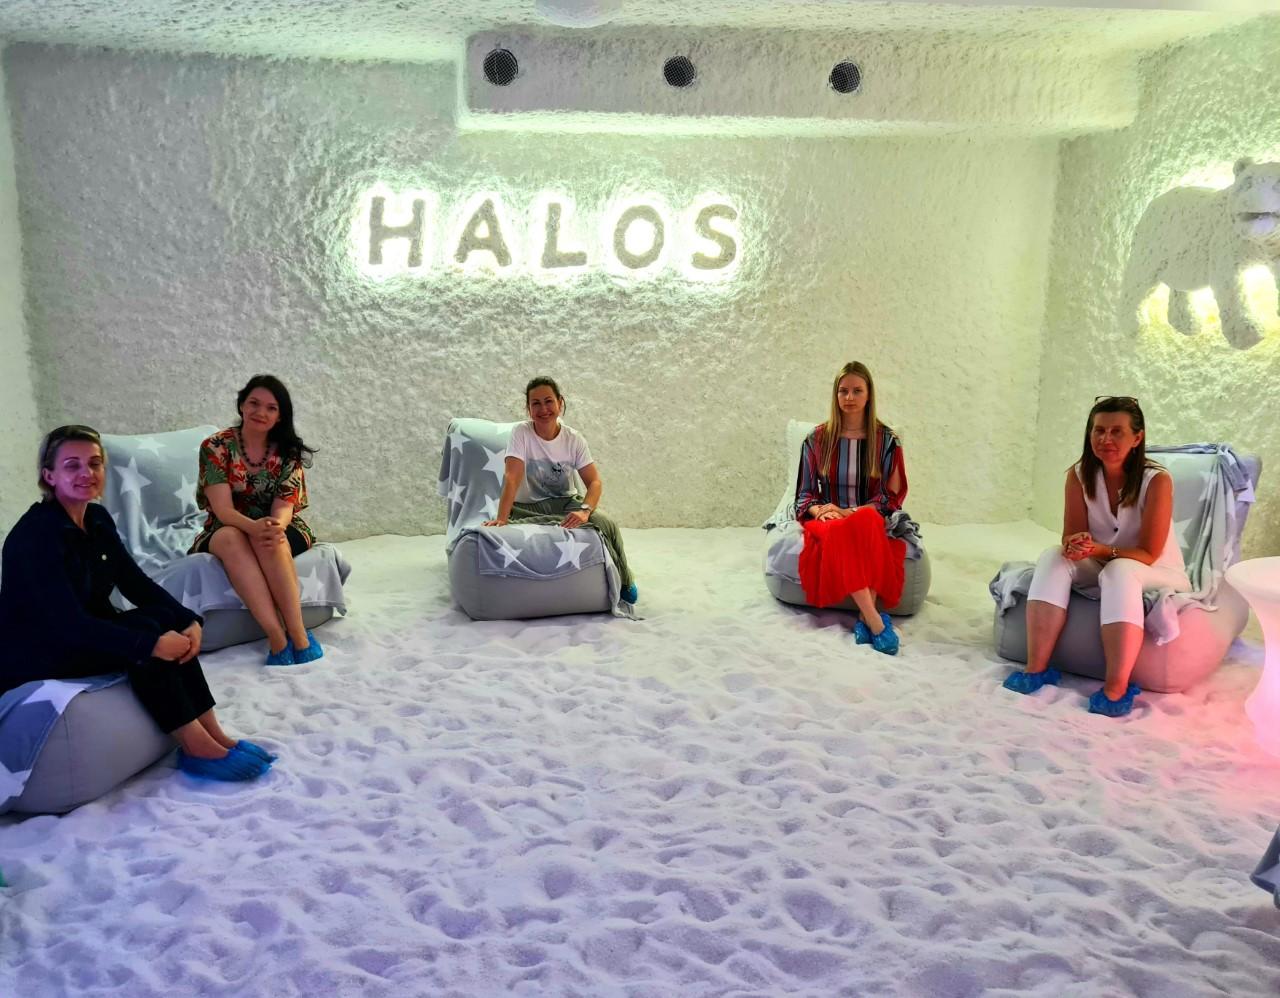 Uudne HALOS Laste heaolu- ja soolakeskus